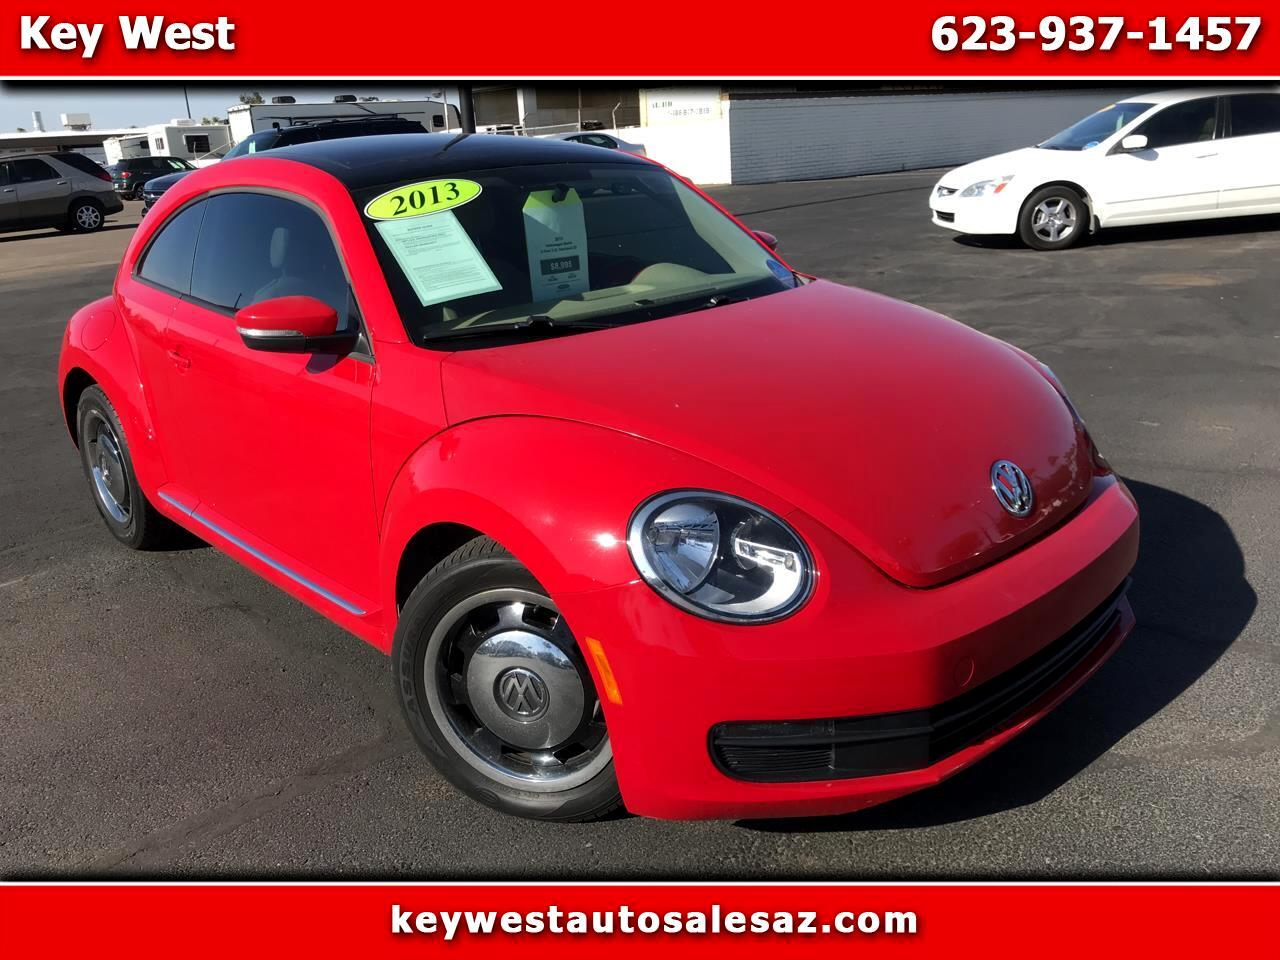 2013 Volkswagen Beetle 1.8T 6A Fleet